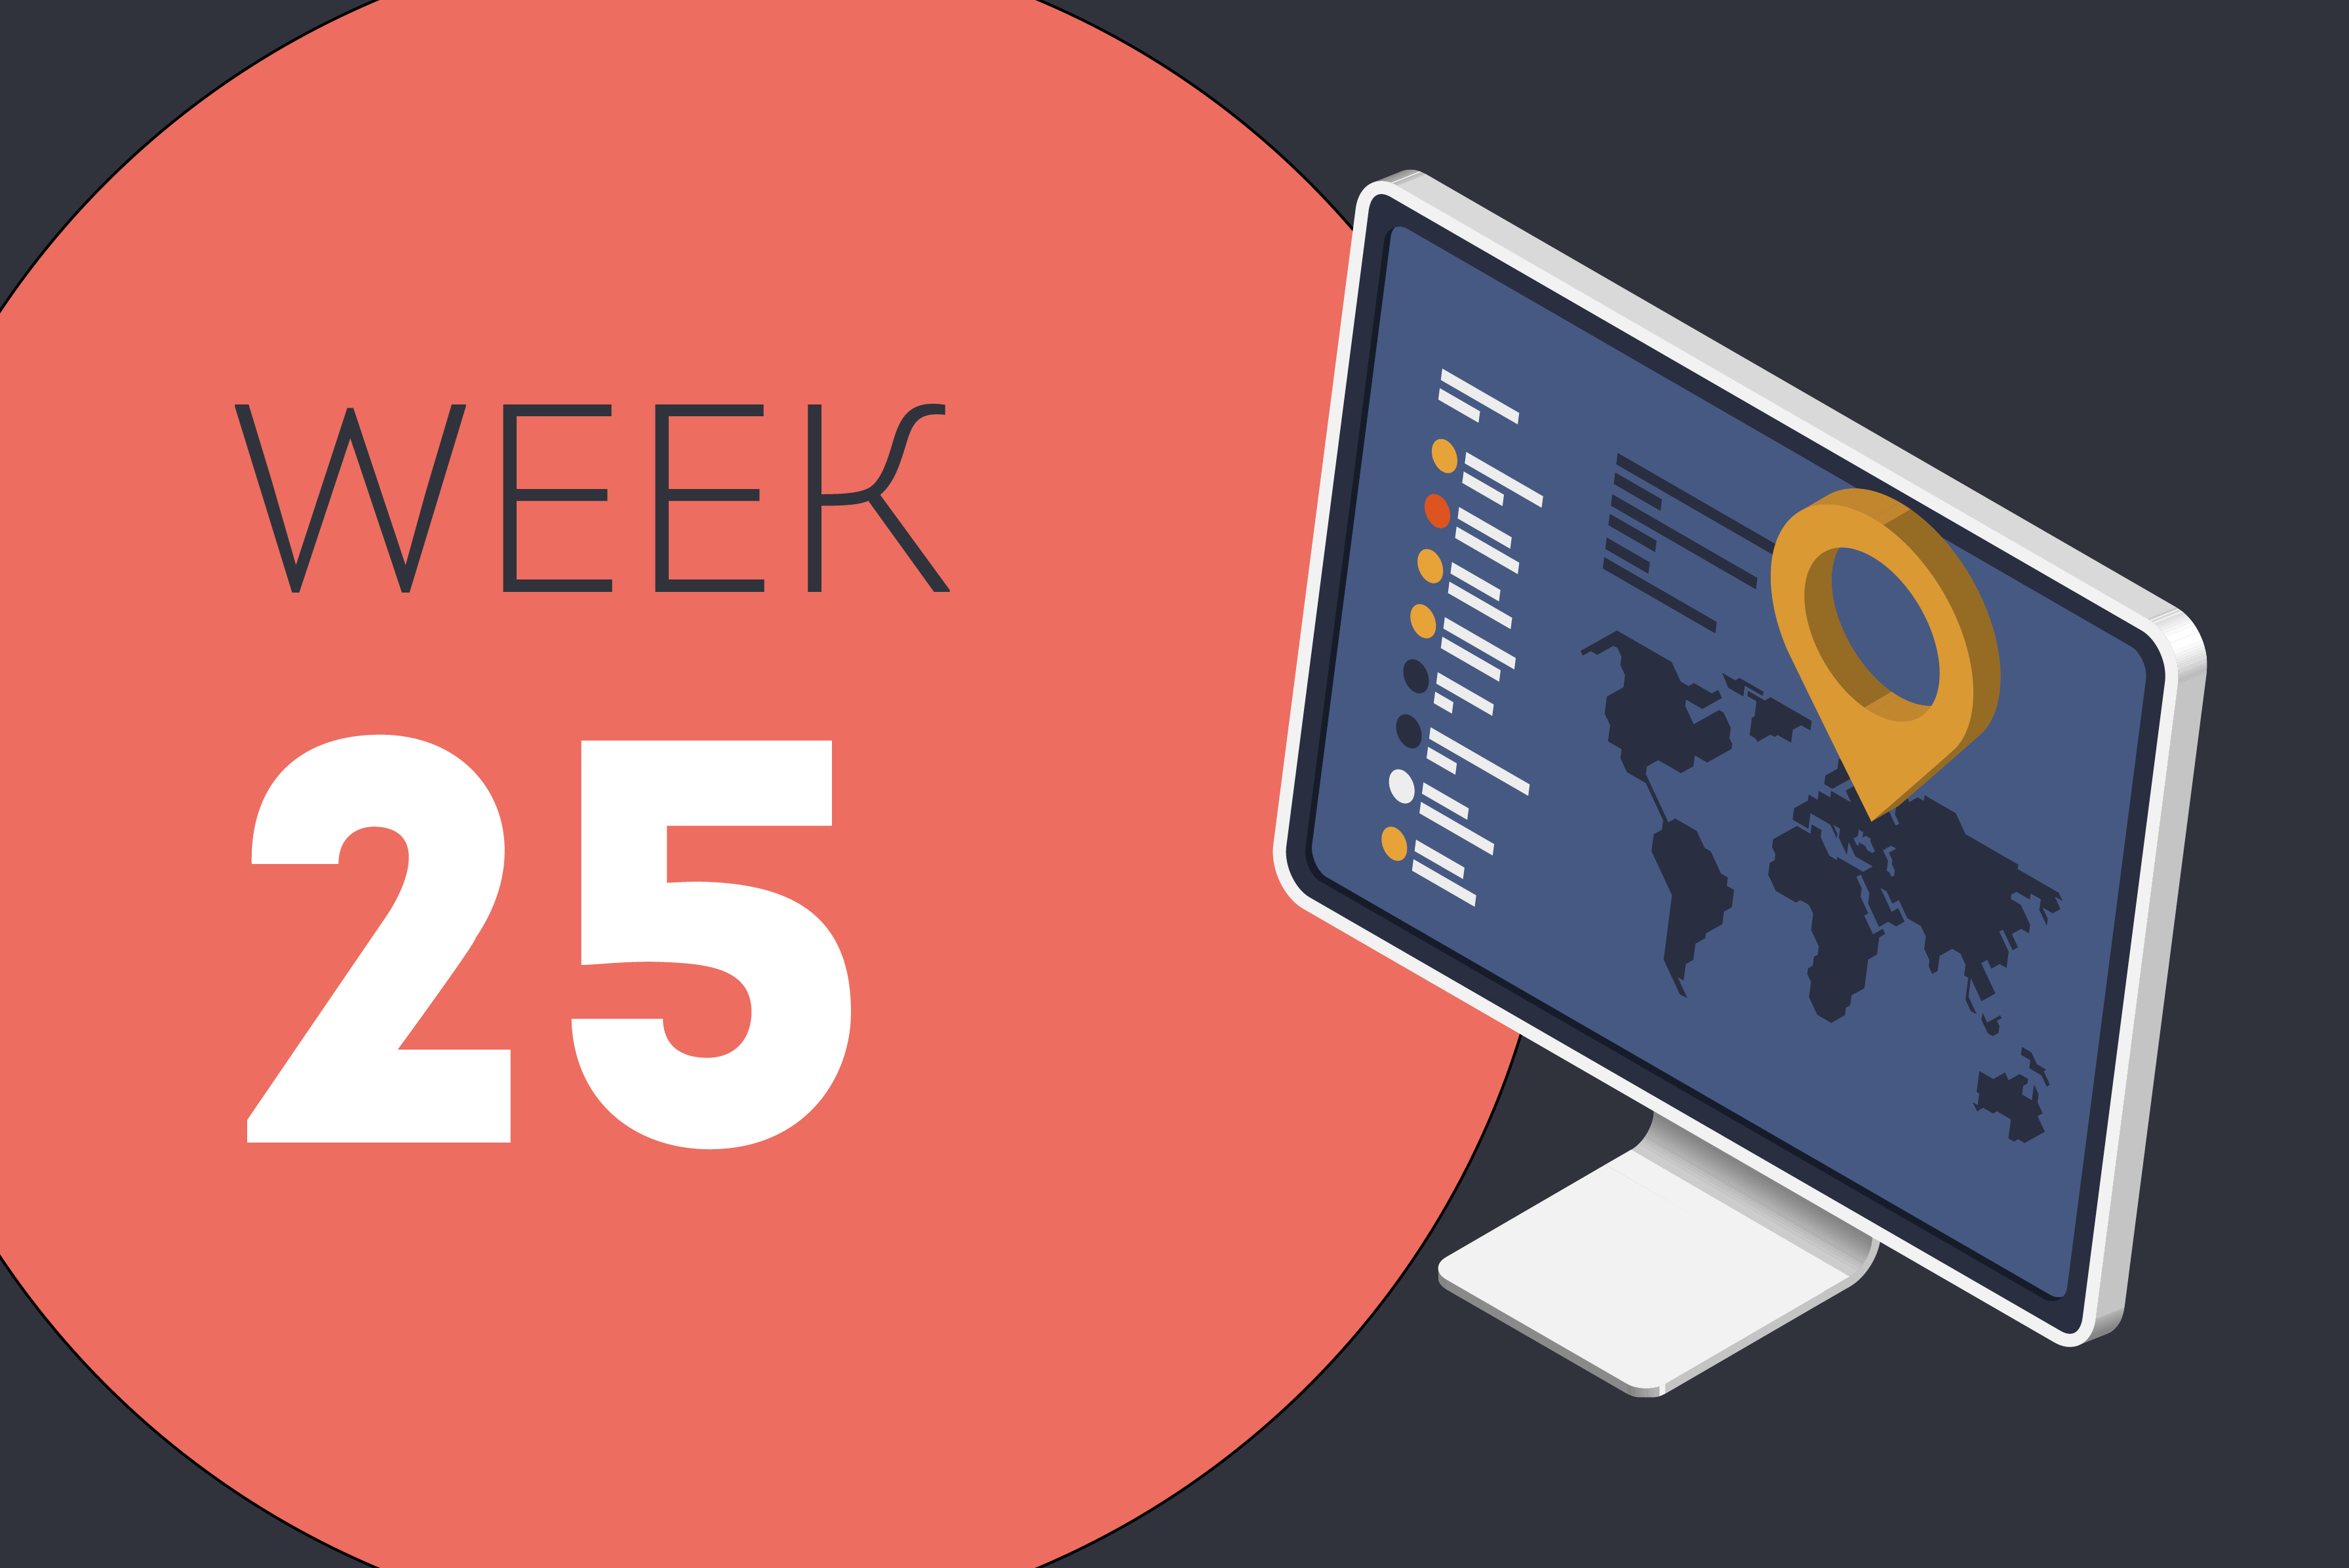 Week ending Friday 25 September 2020